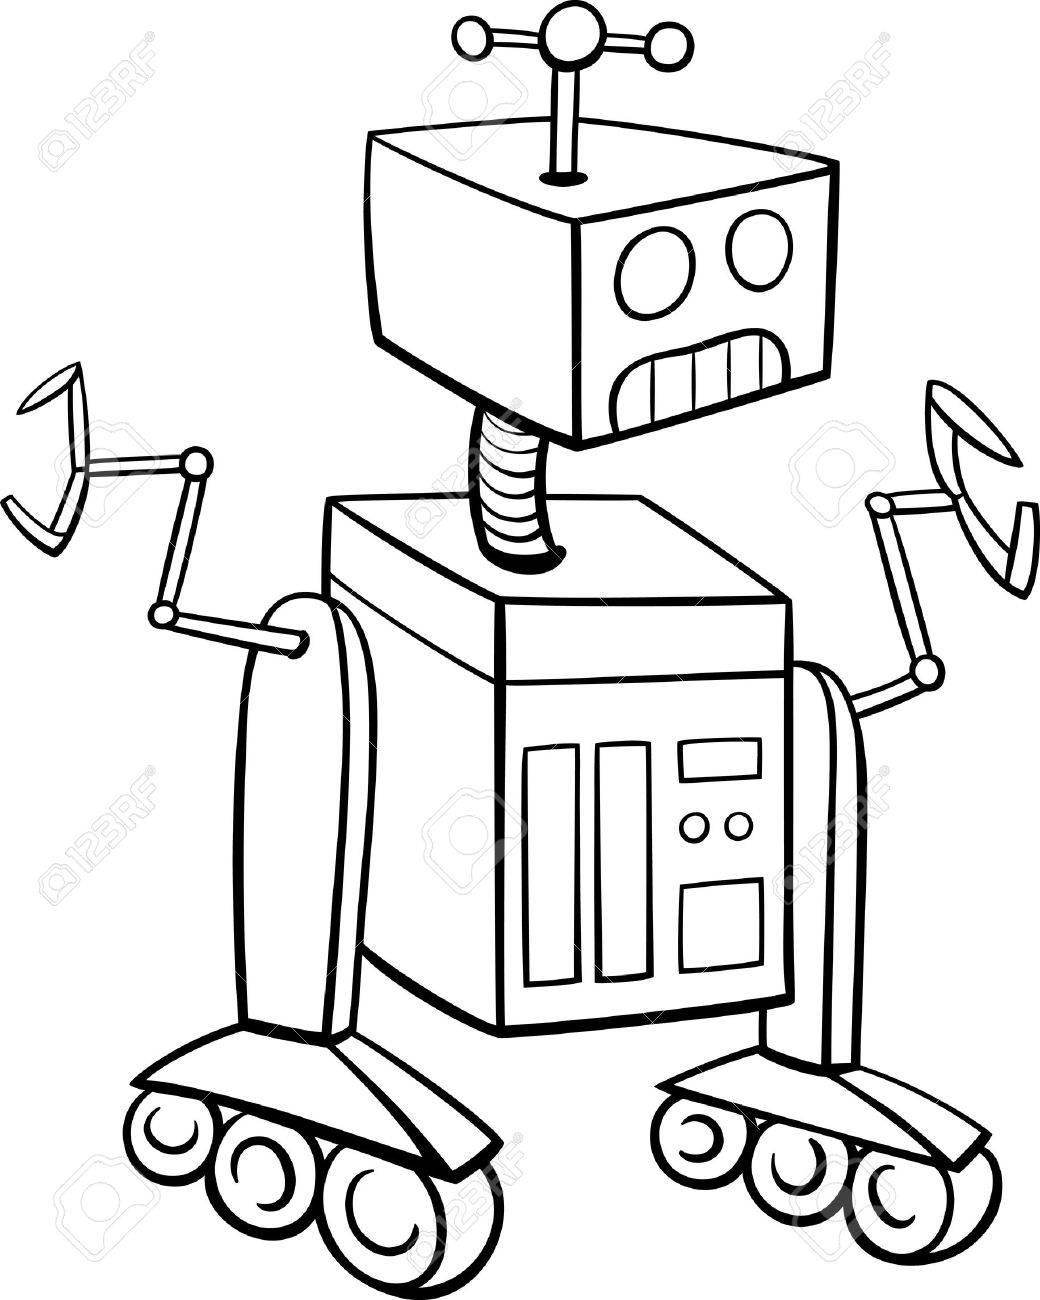 Dibujos Animados De Blanco Y Negro Ilustración De Robot De La Ciencia Ficción De Personajes Para Colorear Libro